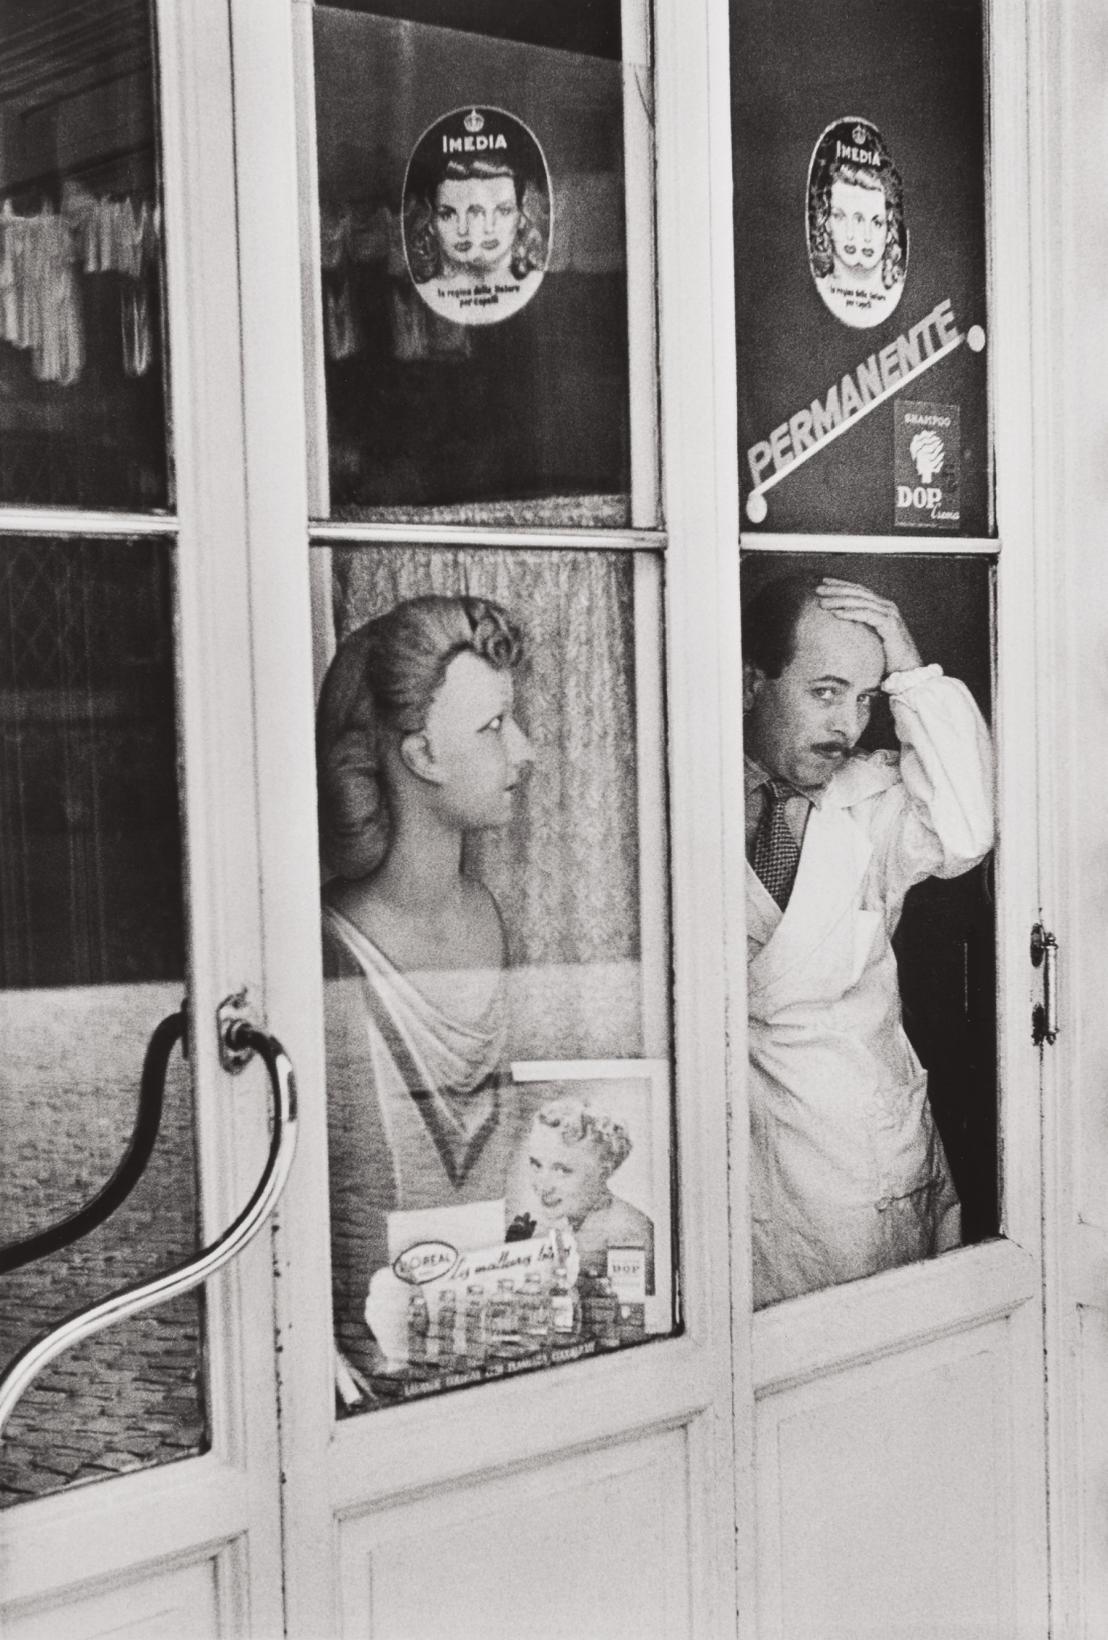 Henri Cartier-Bresson-Rome, Italy-1951